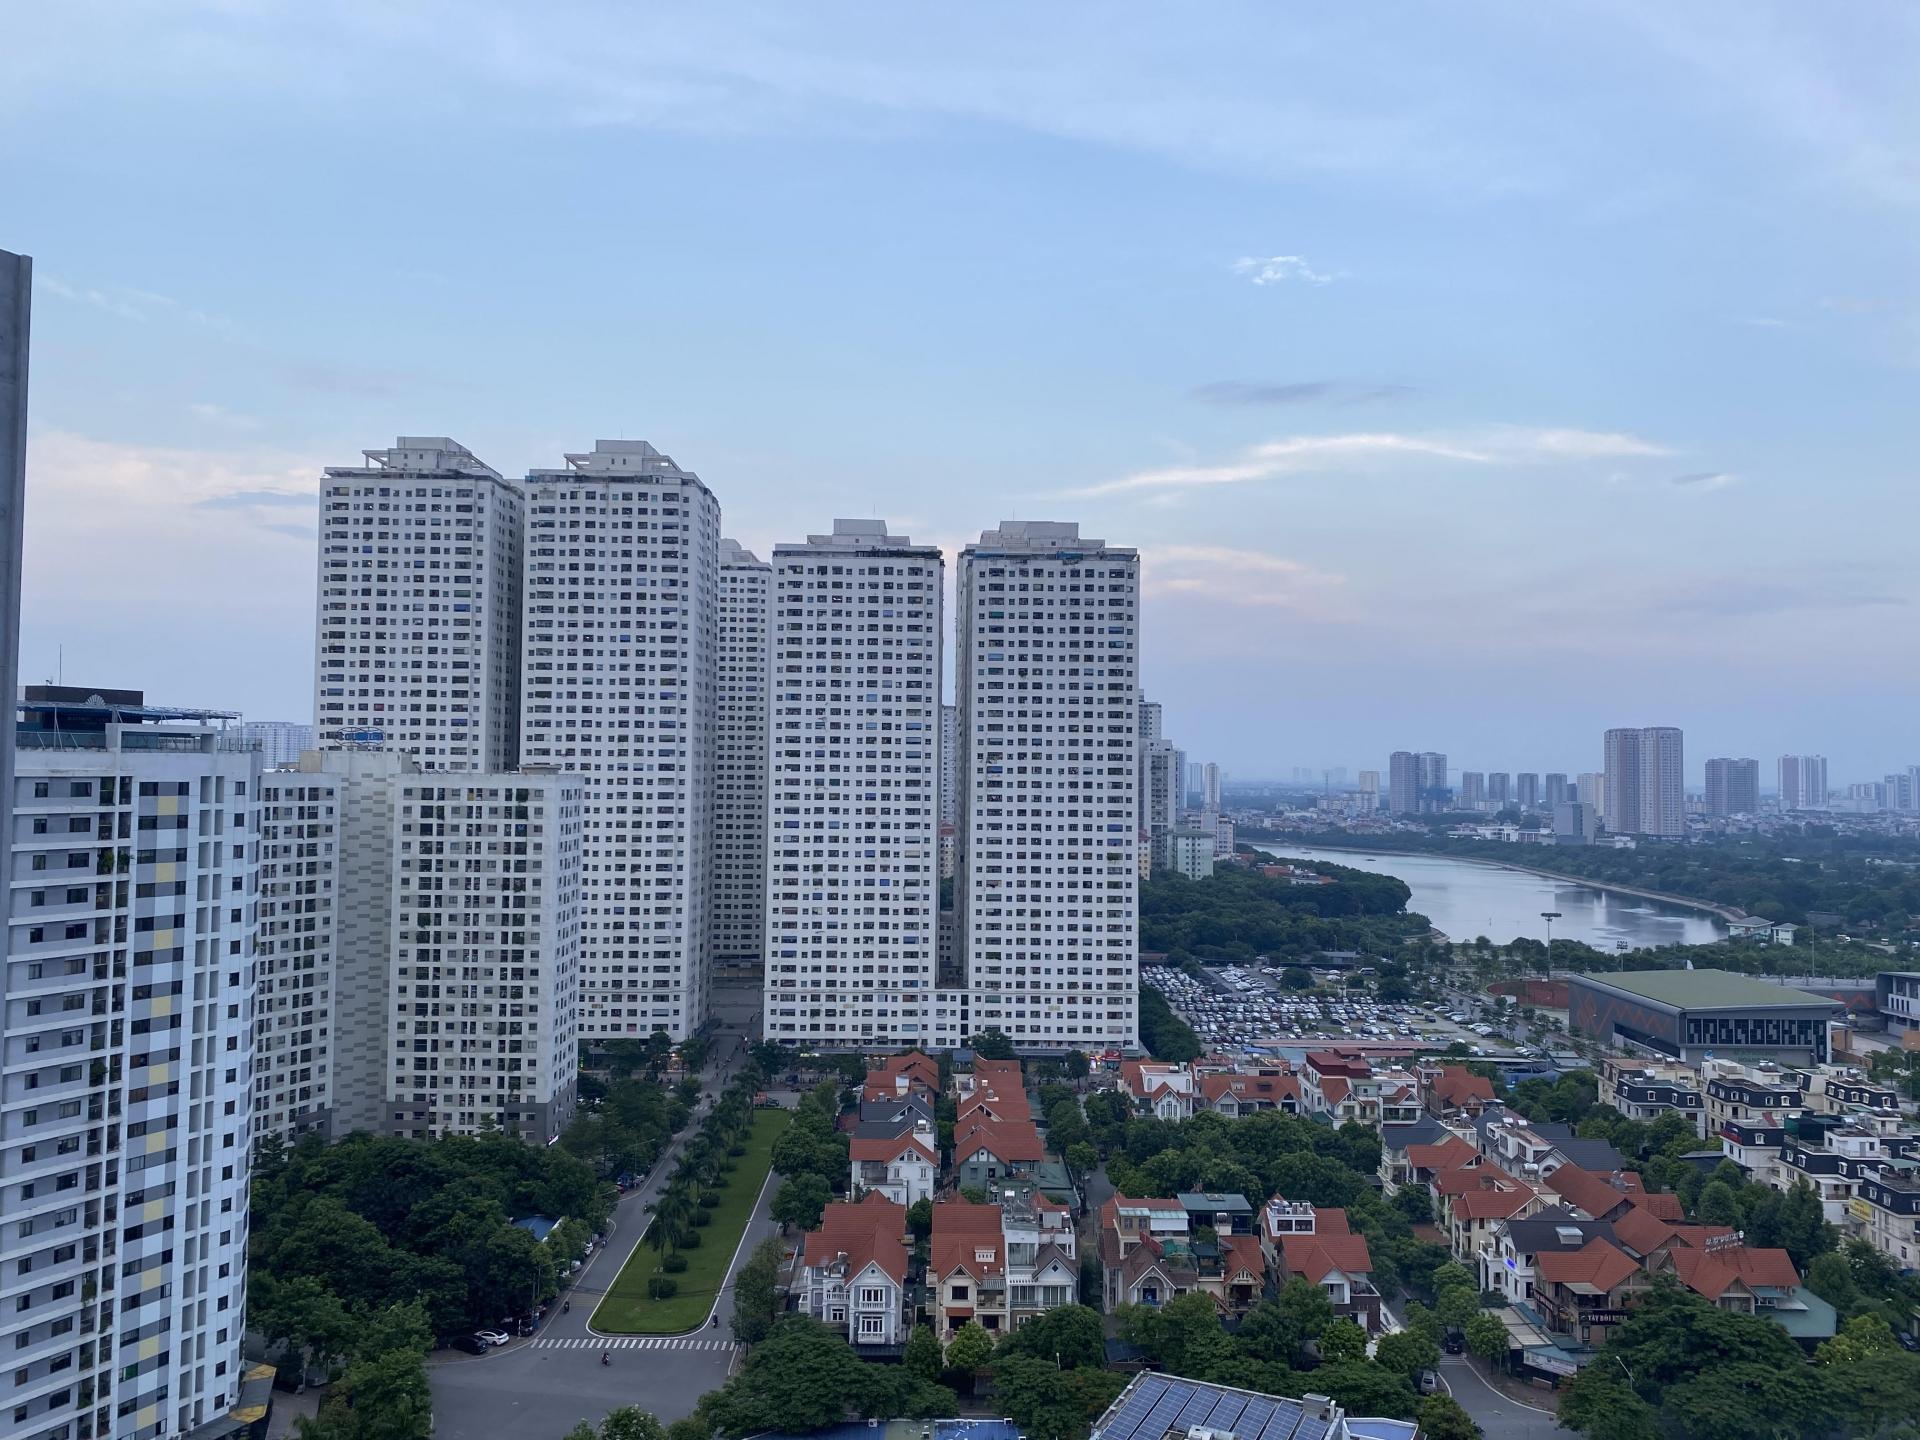 Thị trường bất động sản Hà Nội: Nguồn cung giảm